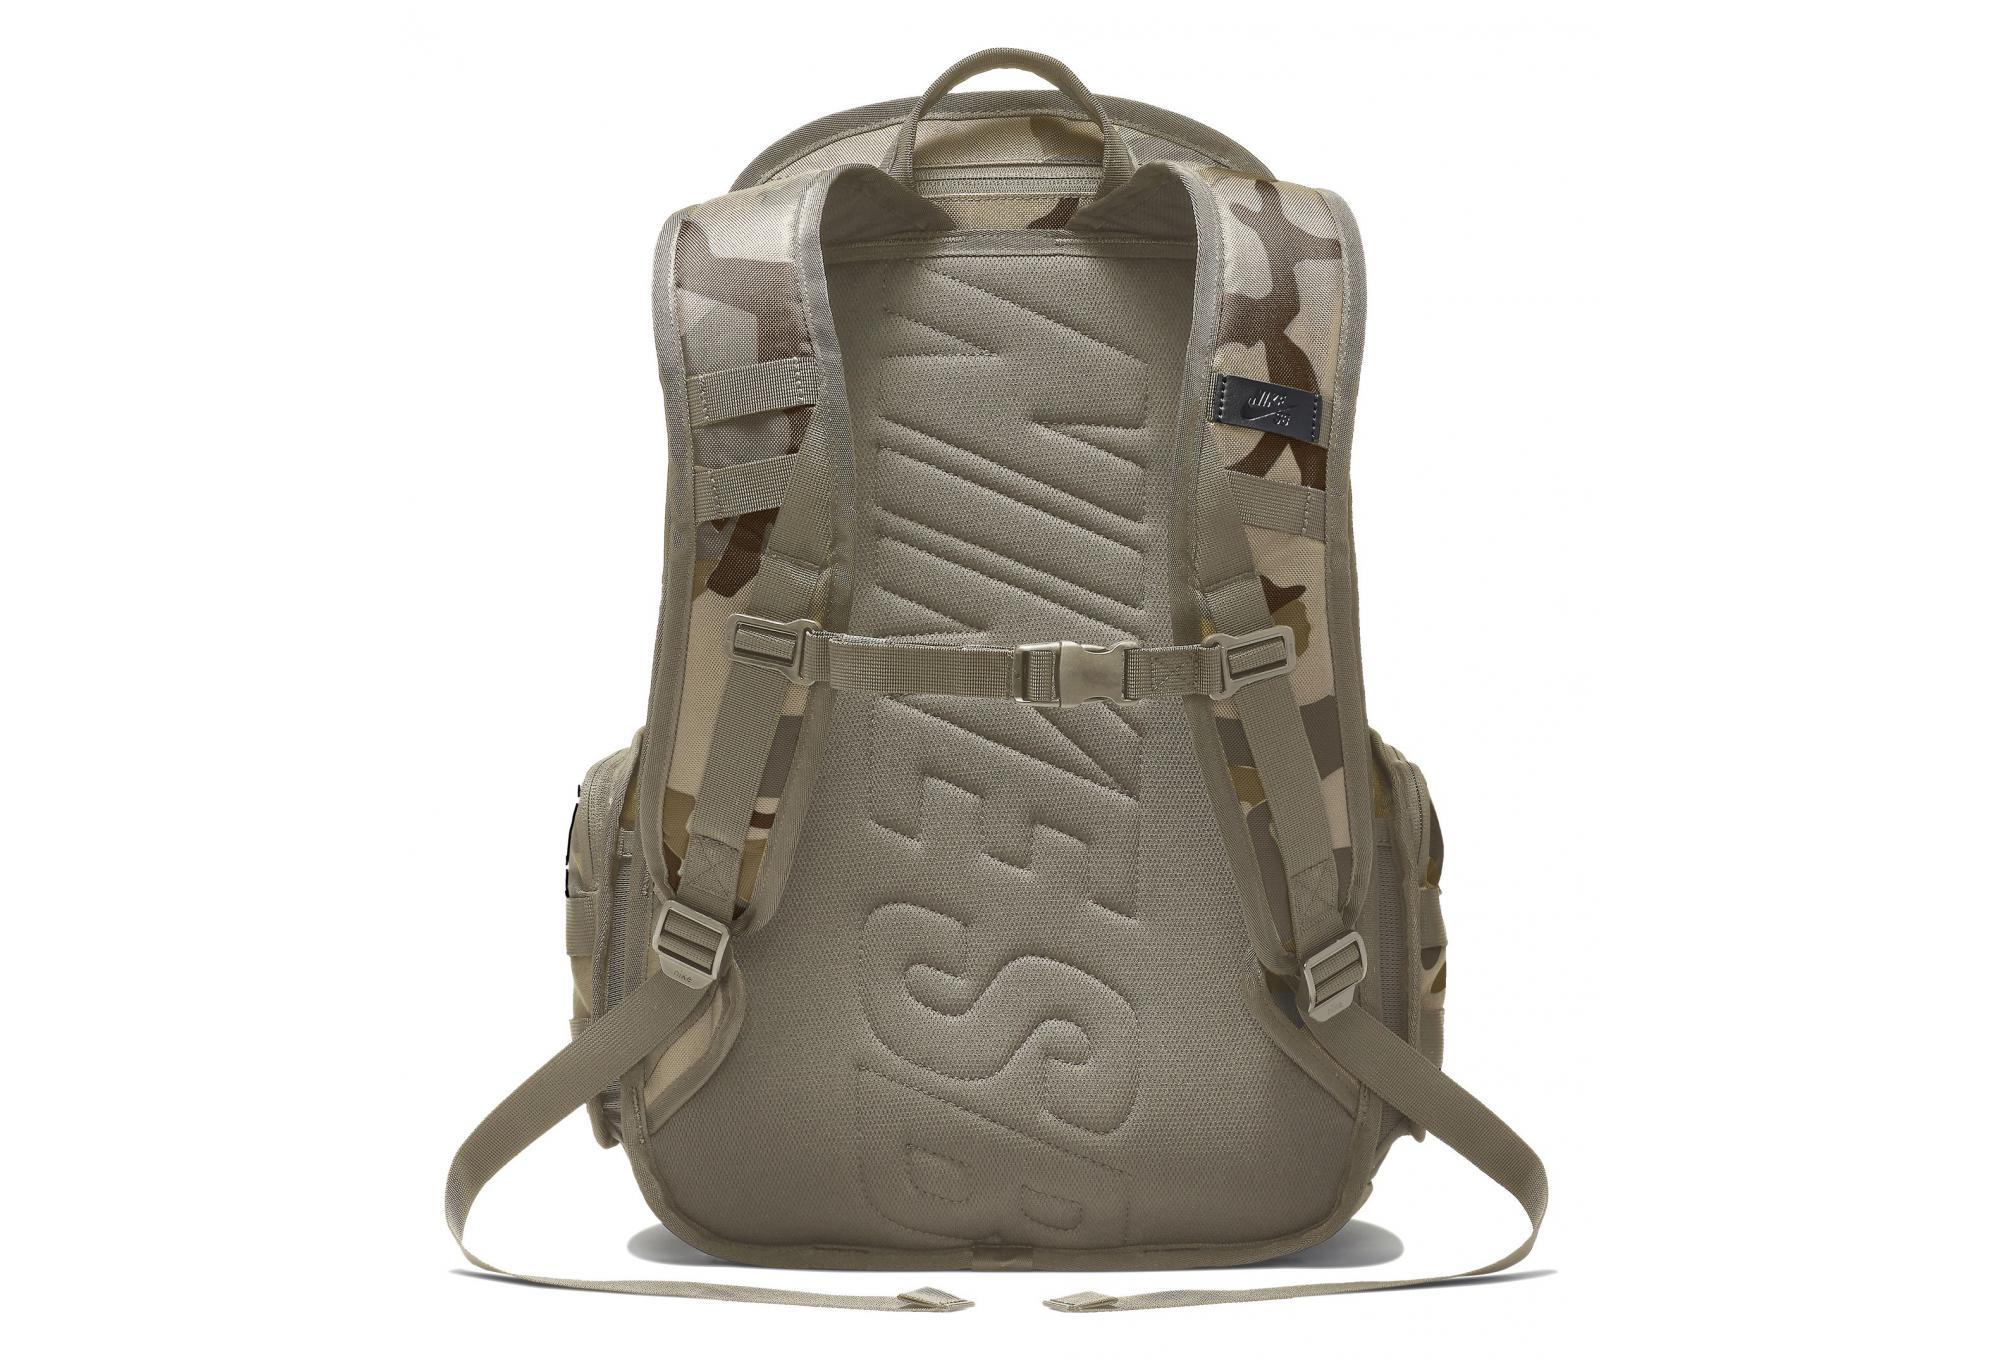 Bagages Sacs à dos: Trouver des produits Guess sur hypershop.